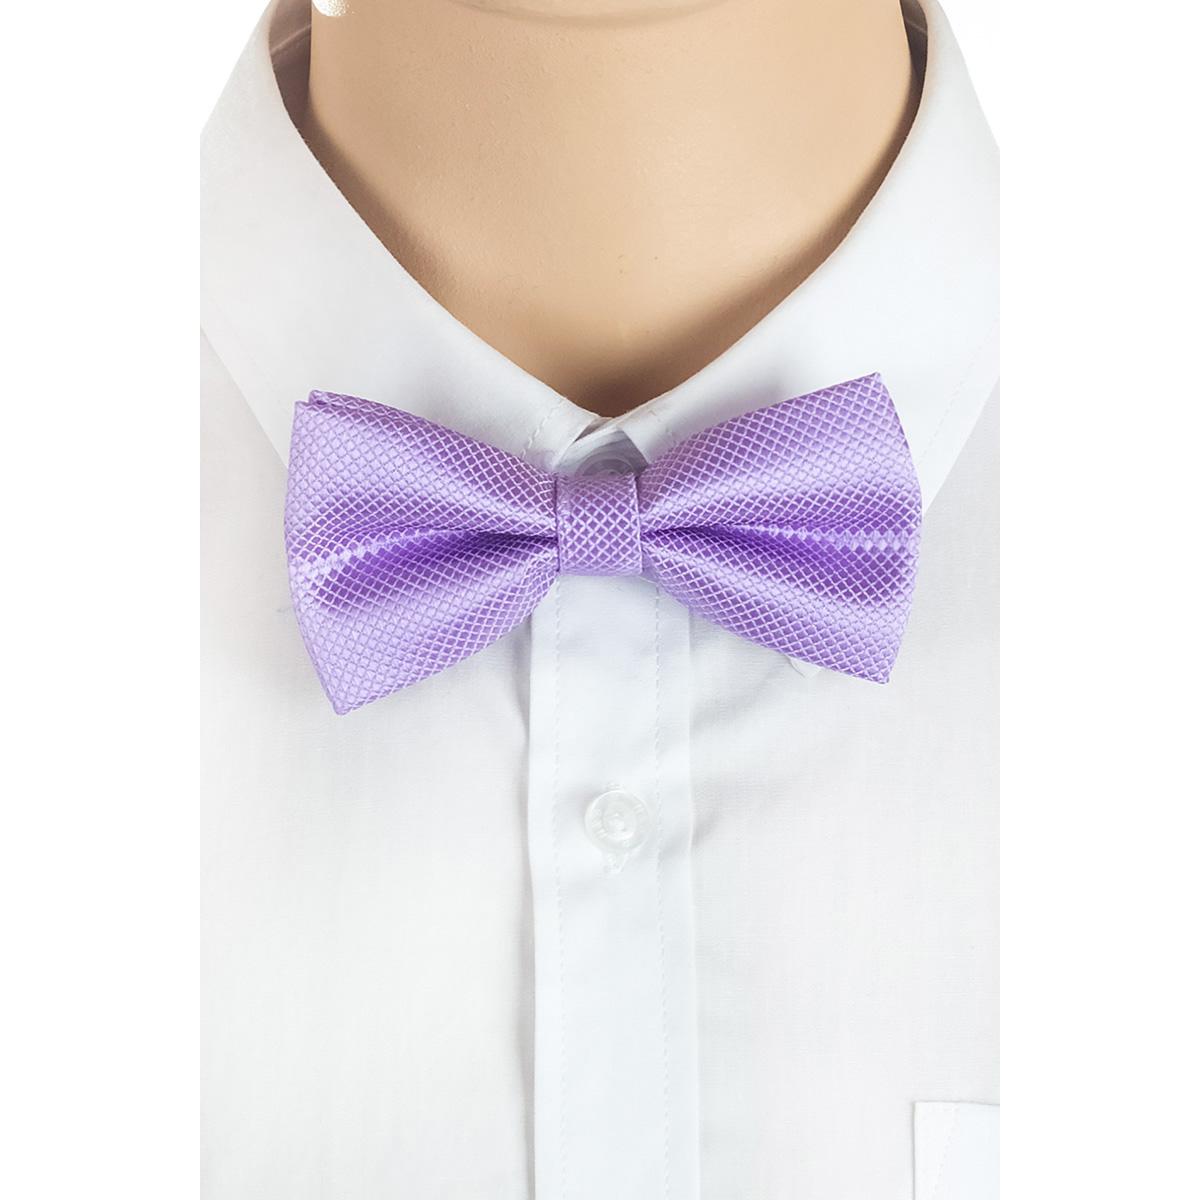 Галстук-бабочка для мальчика Brostem, цвет: сиреневый. BBAB53-53. Размер универсальныйBBAB53-53Модный галстук-бабочка для мальчика Brostem изготовлен из полиэстера. Галстук-бабочка дополнен регулируемой лентой с пластиковой застежкой-защелкой.